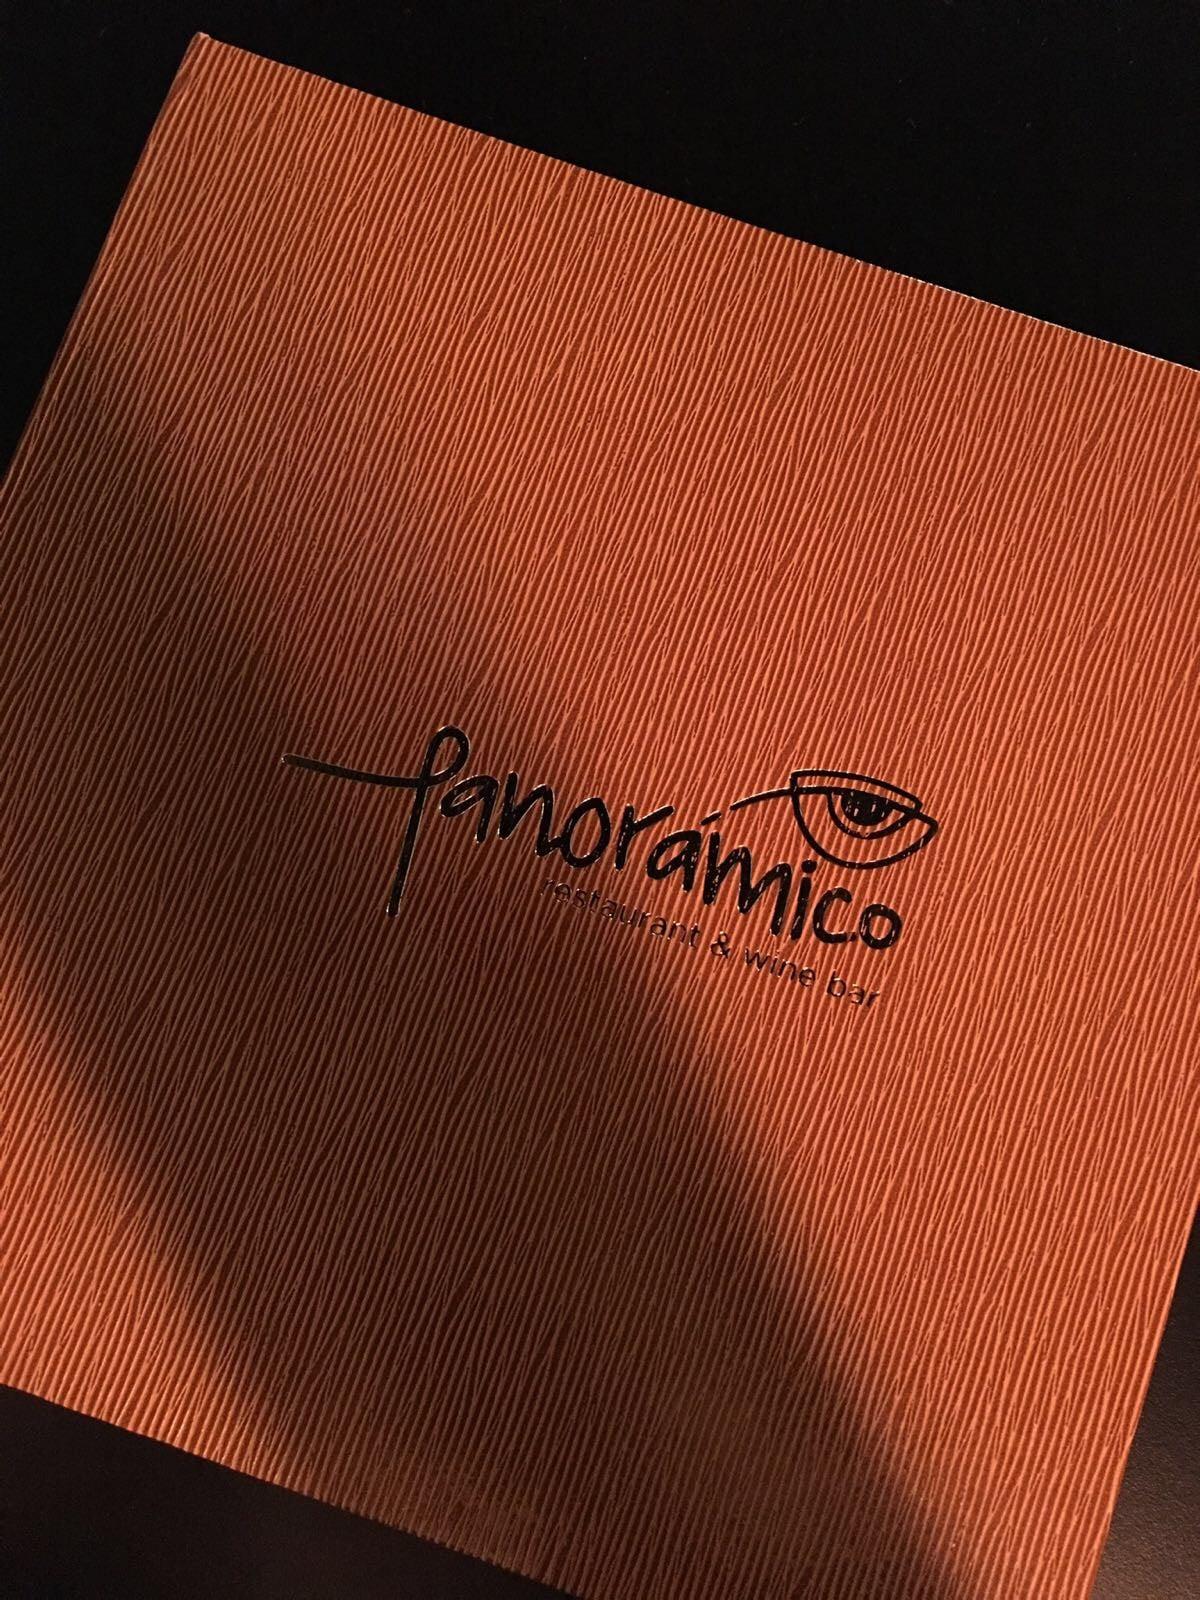 restaurante panoramico de ronda, gastronomía